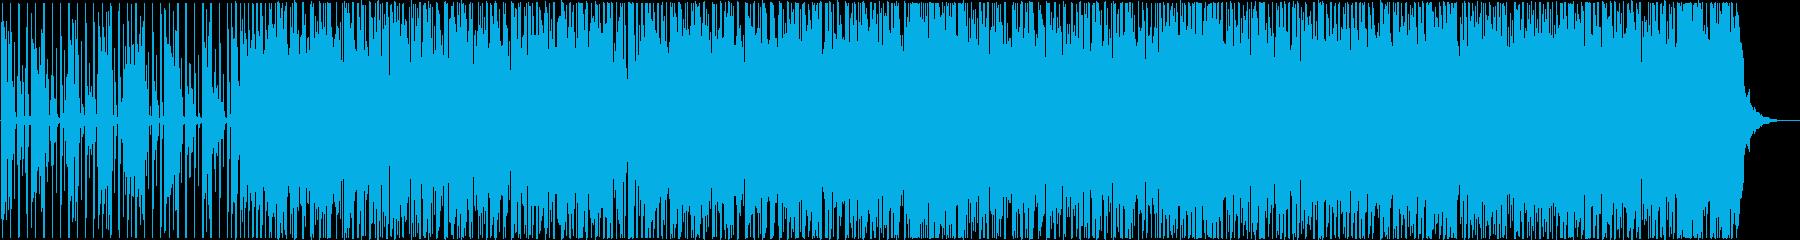 レトロな雰囲気のファンキーディスコの再生済みの波形